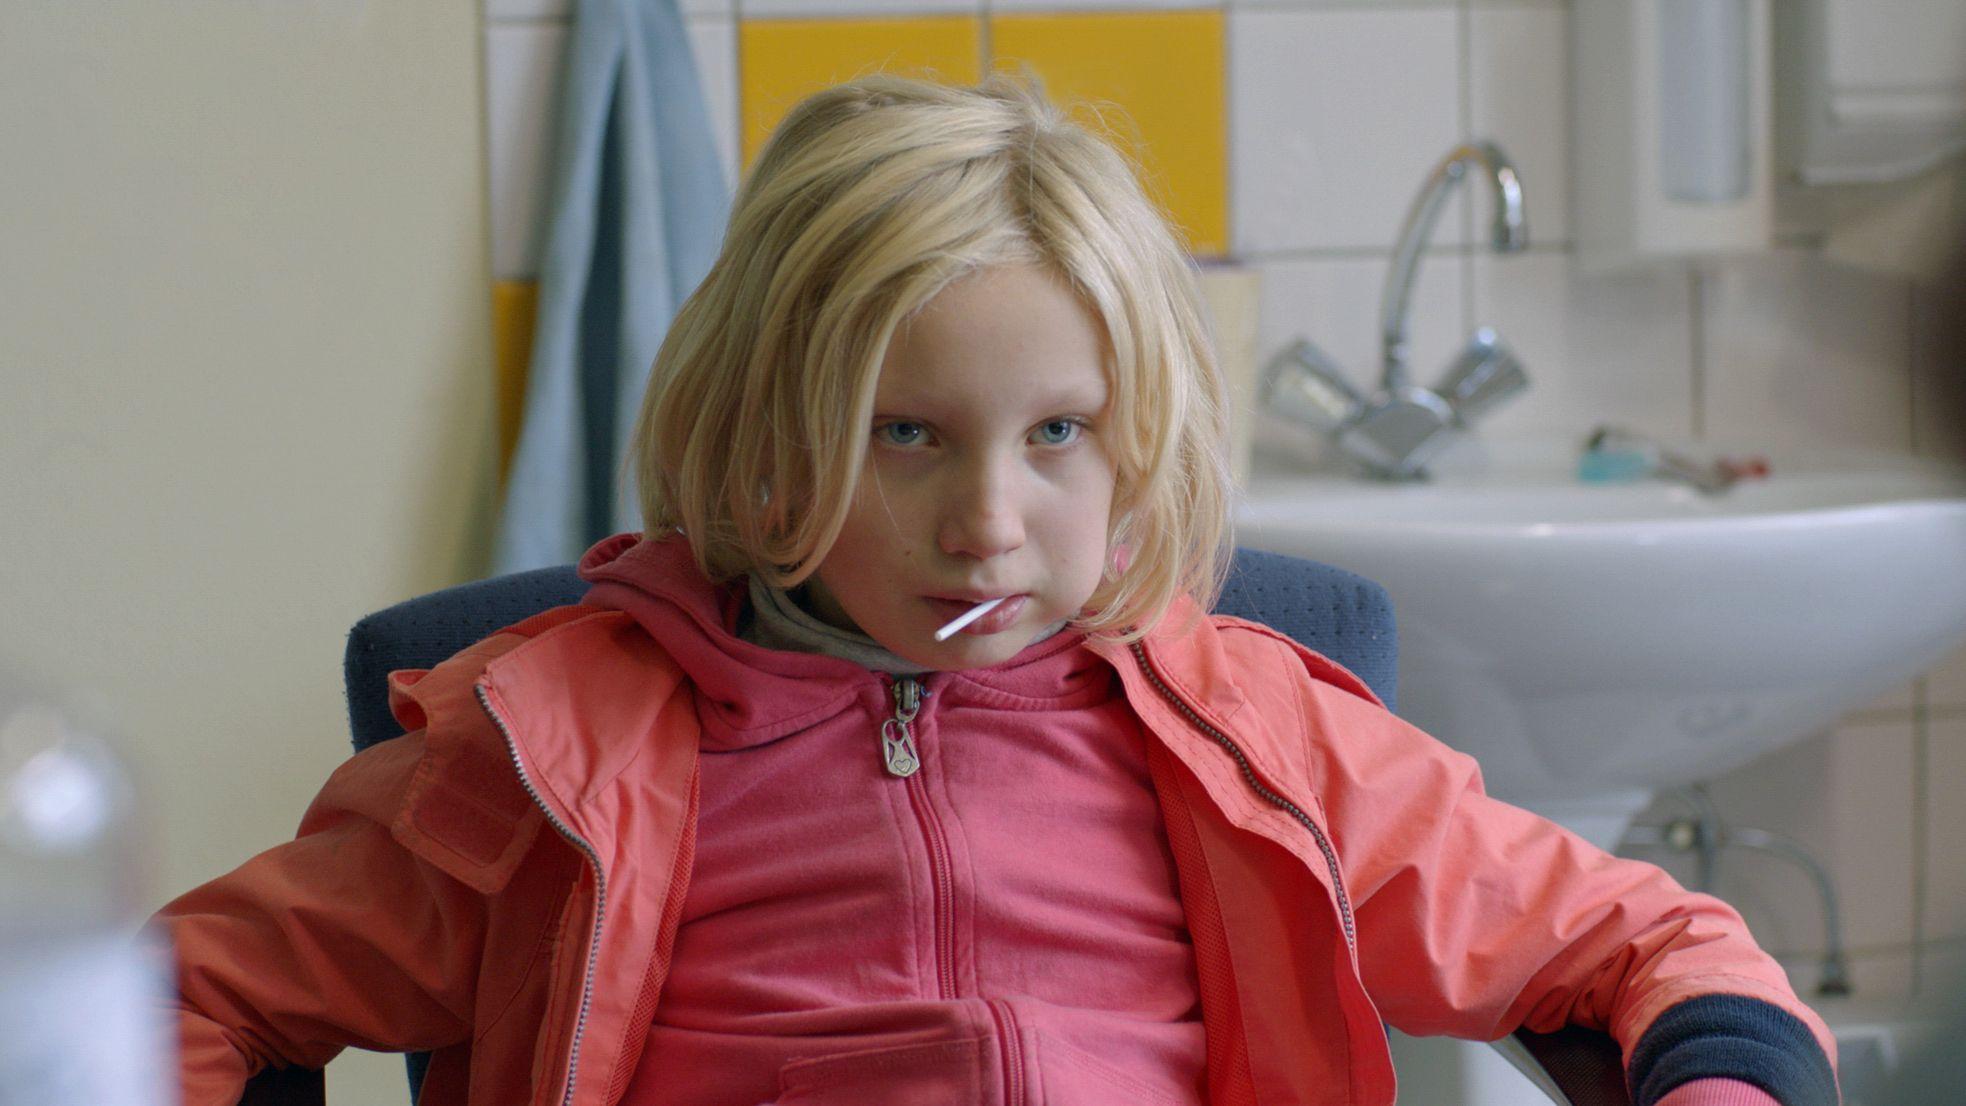 """Szene aus """"Systemsprenger"""": Schauspielerin Helena Zengel hat einen Lolli im Mund und blickt aggressiv an der Kamera vorbei"""